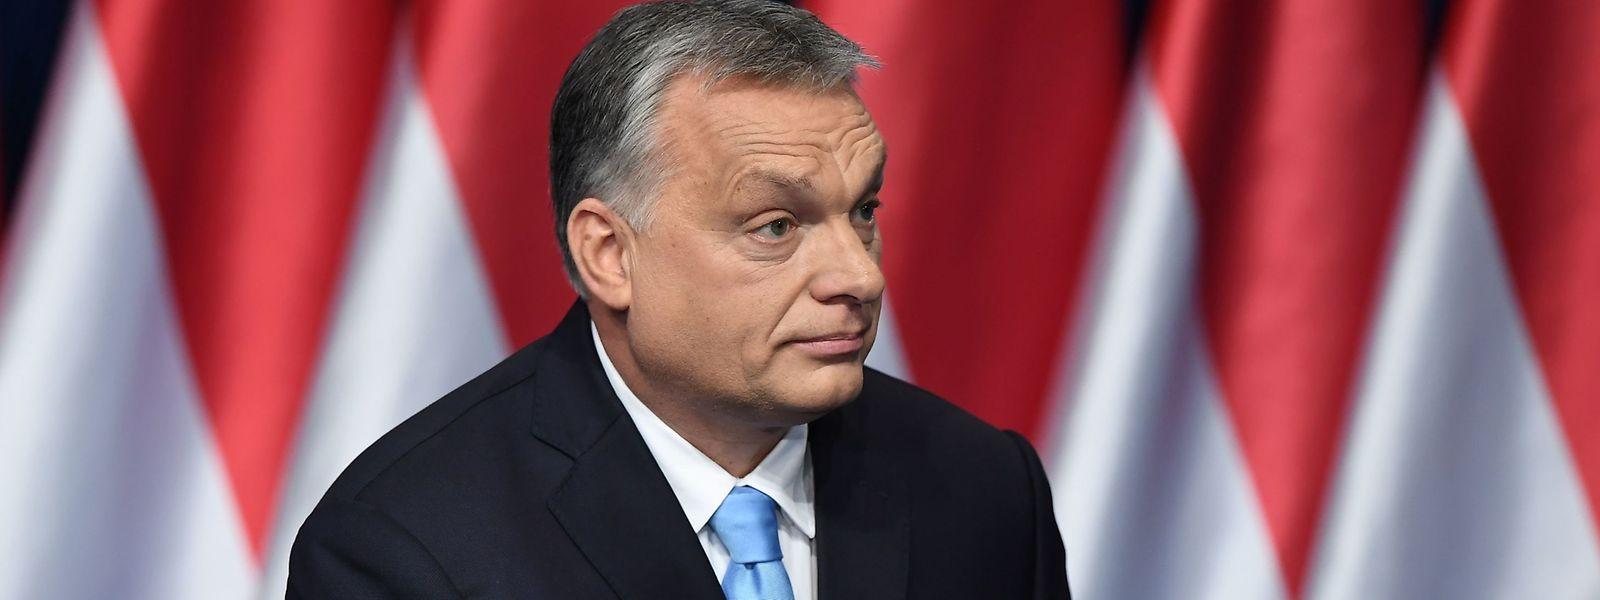 Viktor Orbans halbherzige Entschuldigung überzeugt nicht jeden in der EVP.